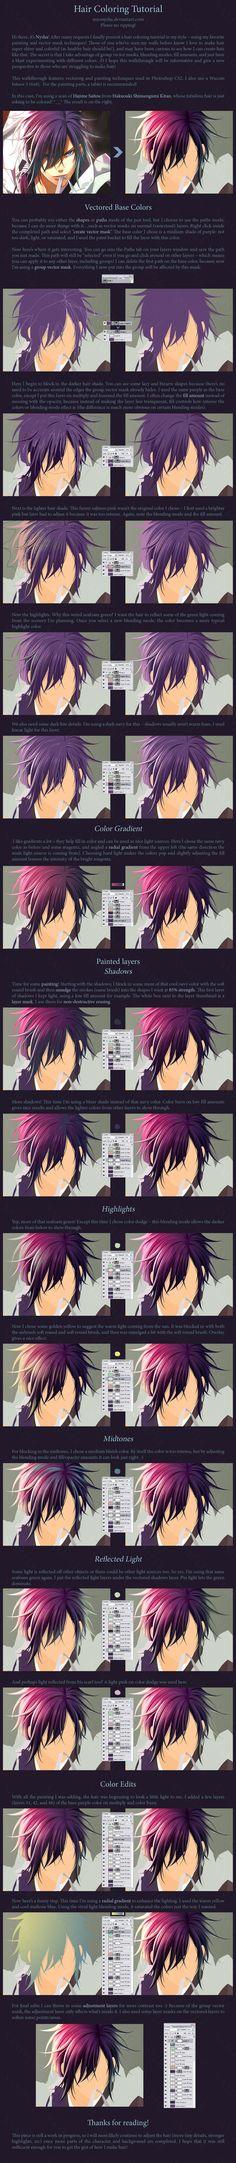 Hair+Coloring+Tutorial+by+MissNysha.deviantart.com+on+@deviantART